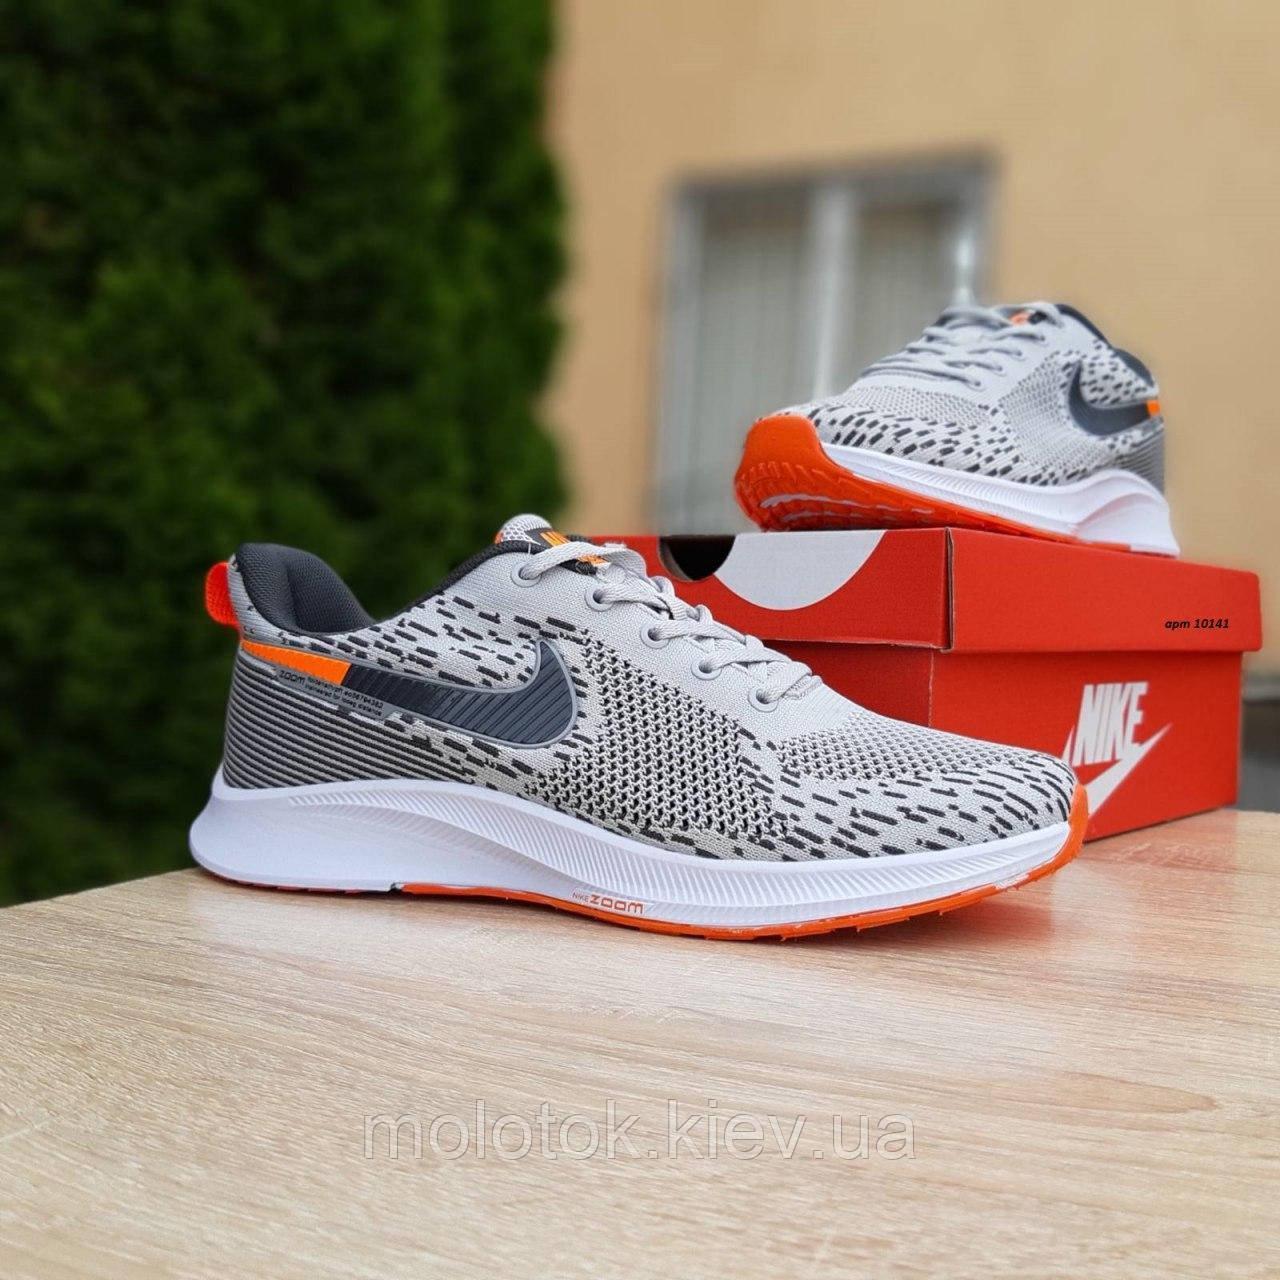 Мужские кроссовки в стиле Nike Zoom AIR серые с оранжевым